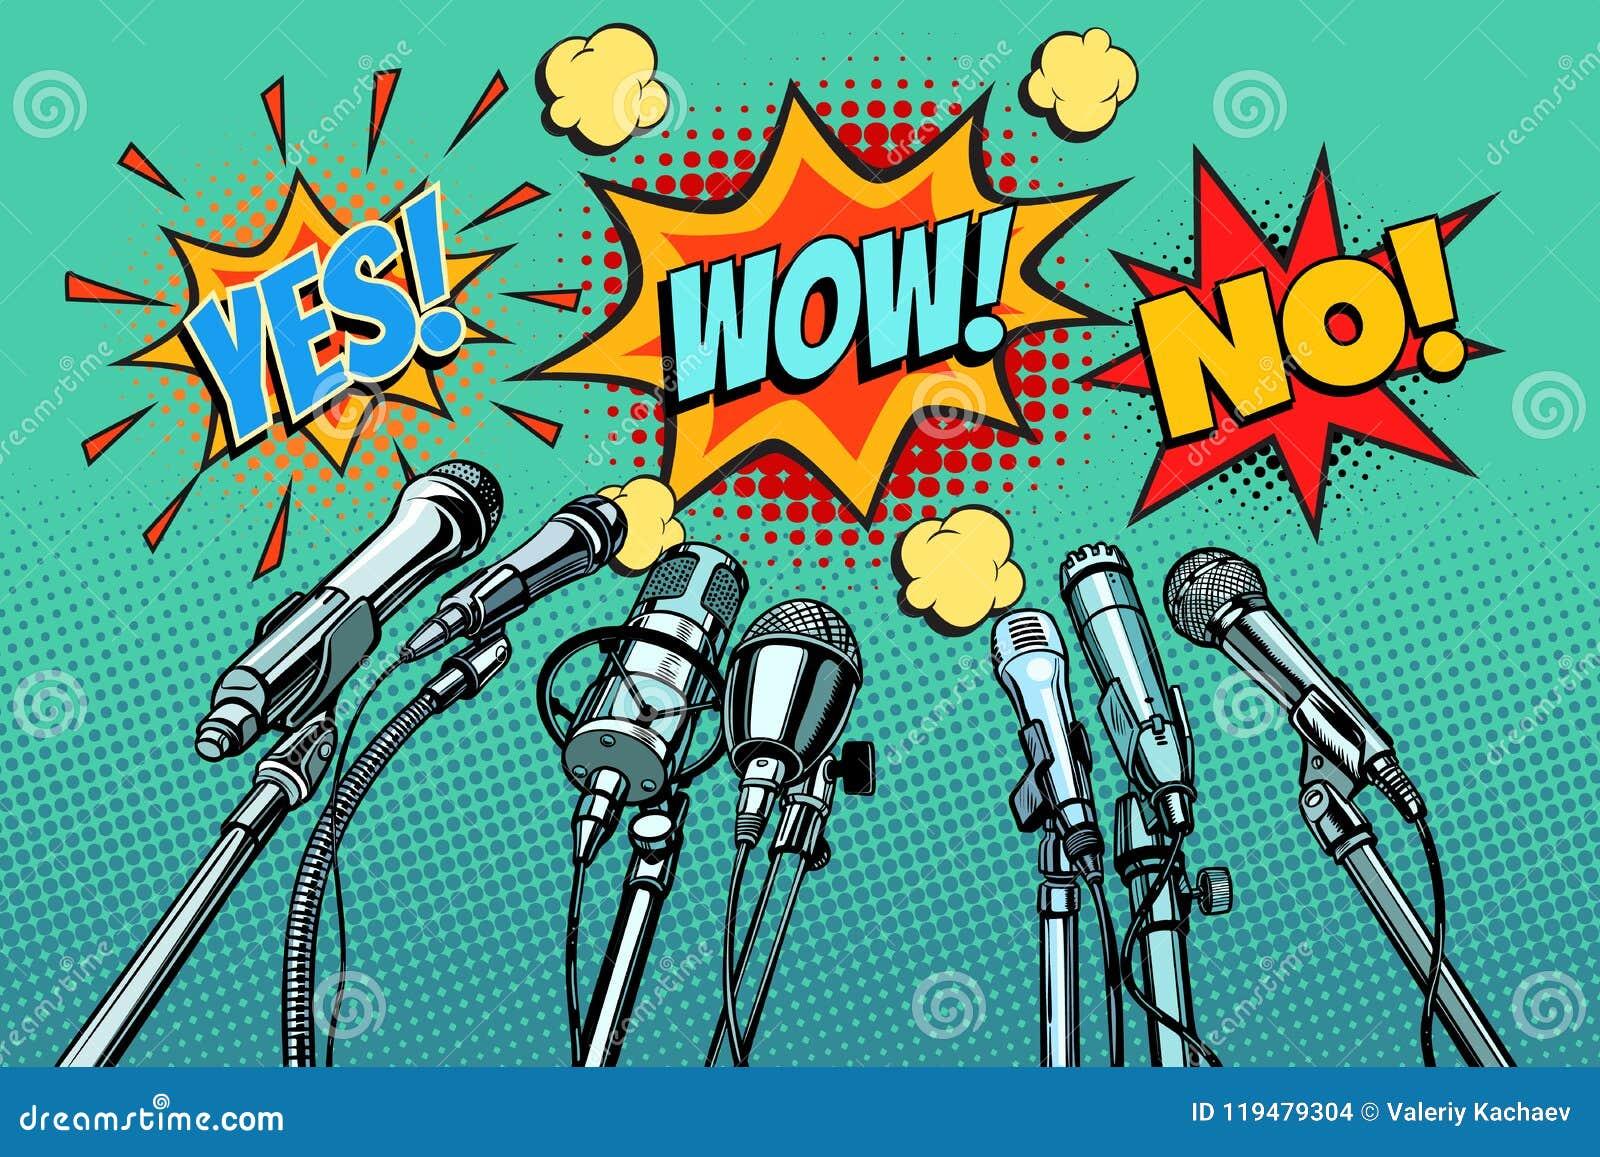 Fundo dos microfones da conferência de imprensa, sim nenhum uau